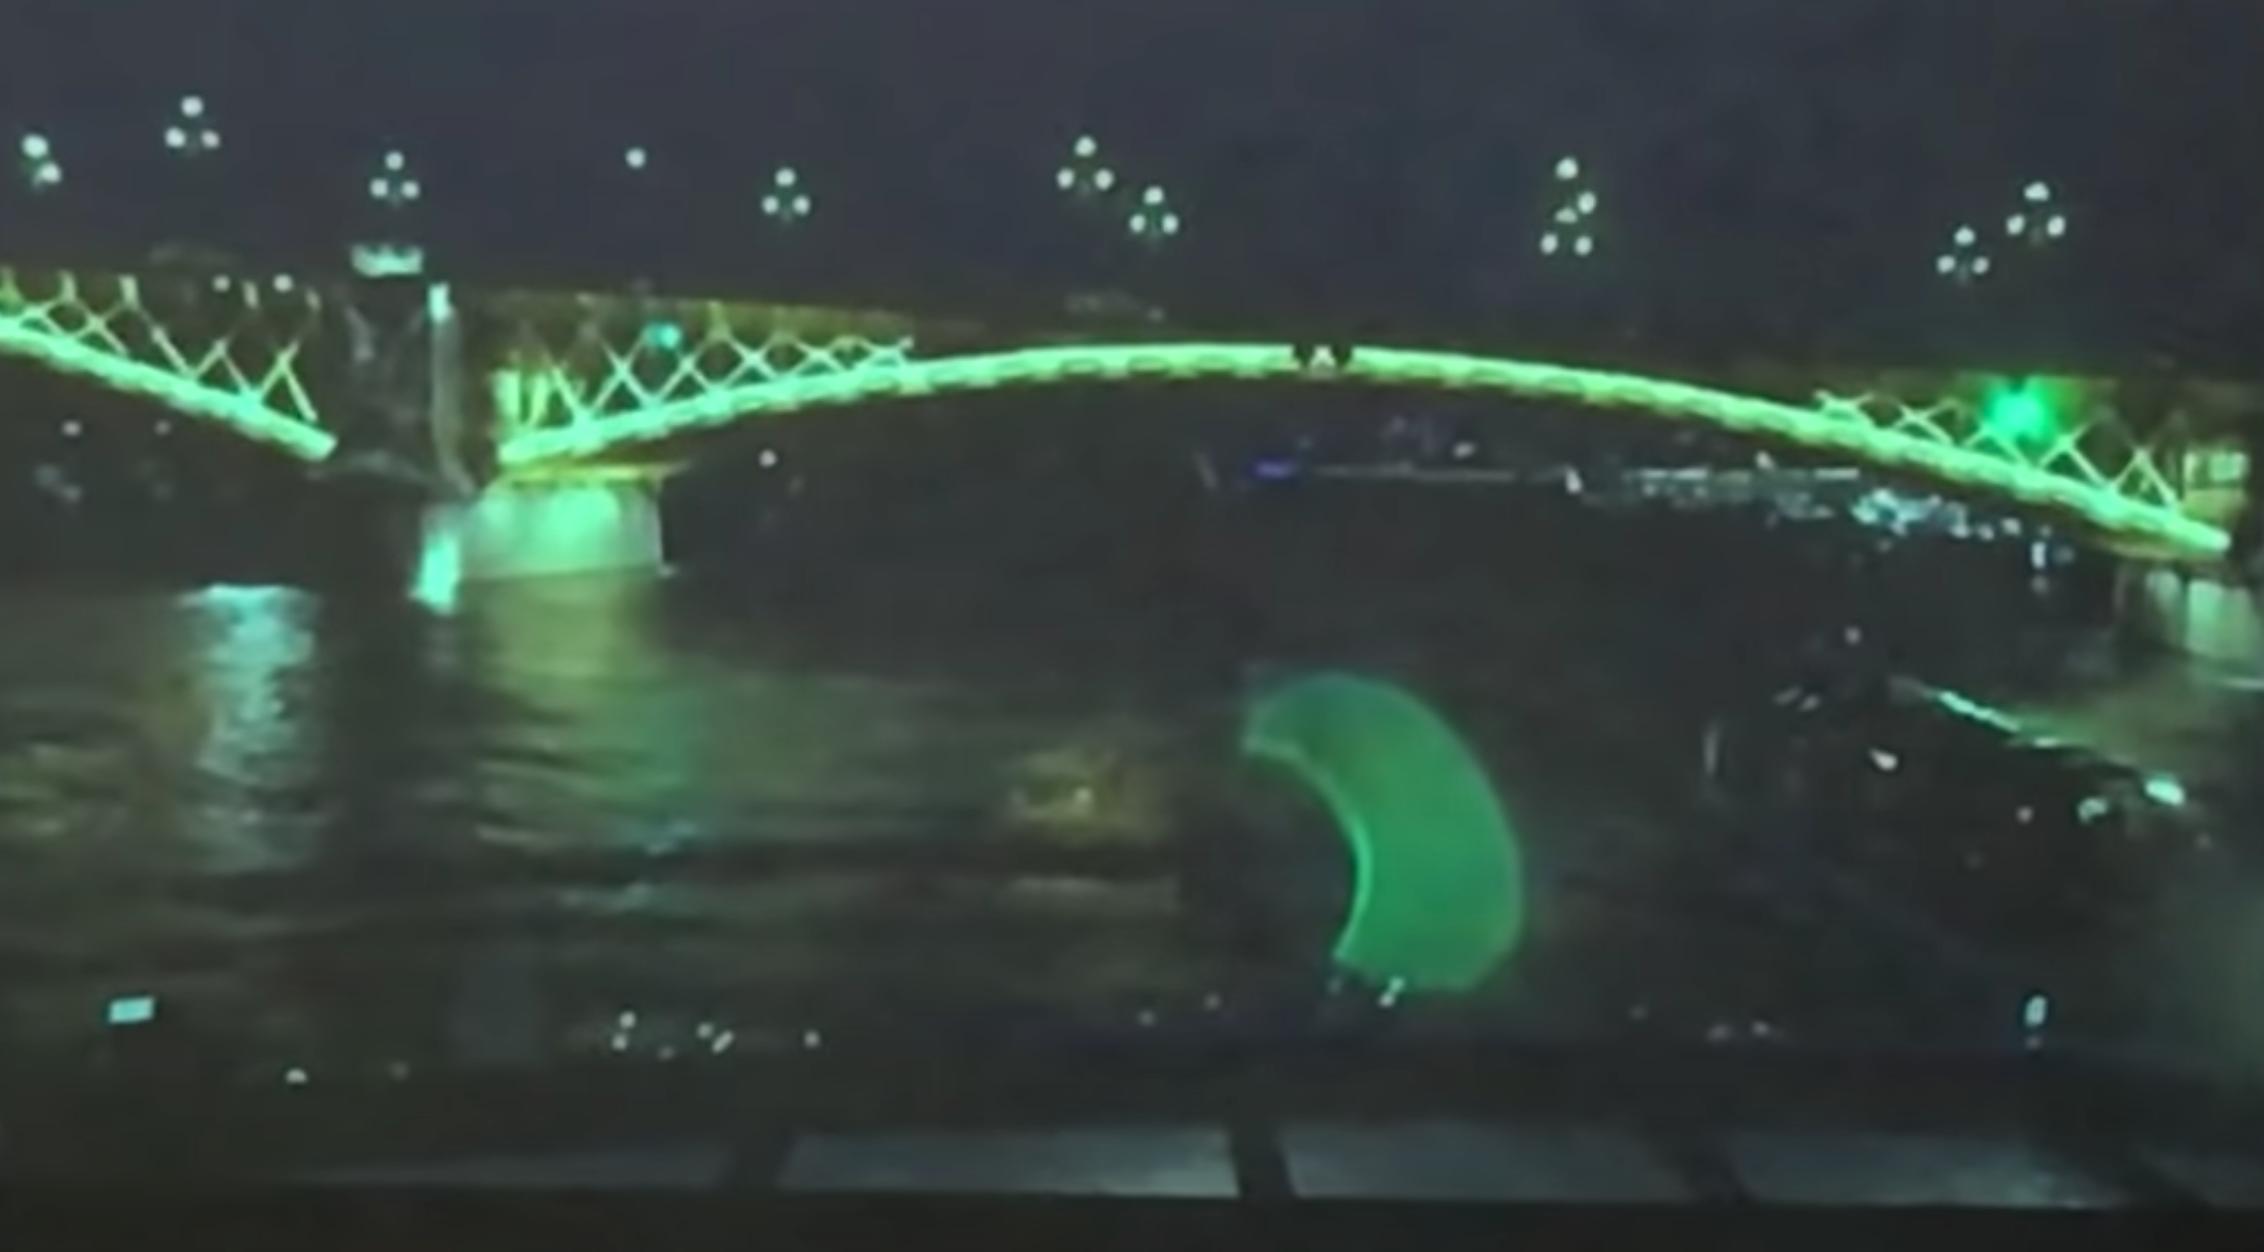 A Hableány-hajóbaleset tárgyalásán levetítették azt a videót, amit a Viking Sigyn hajóorrából készített egy turista